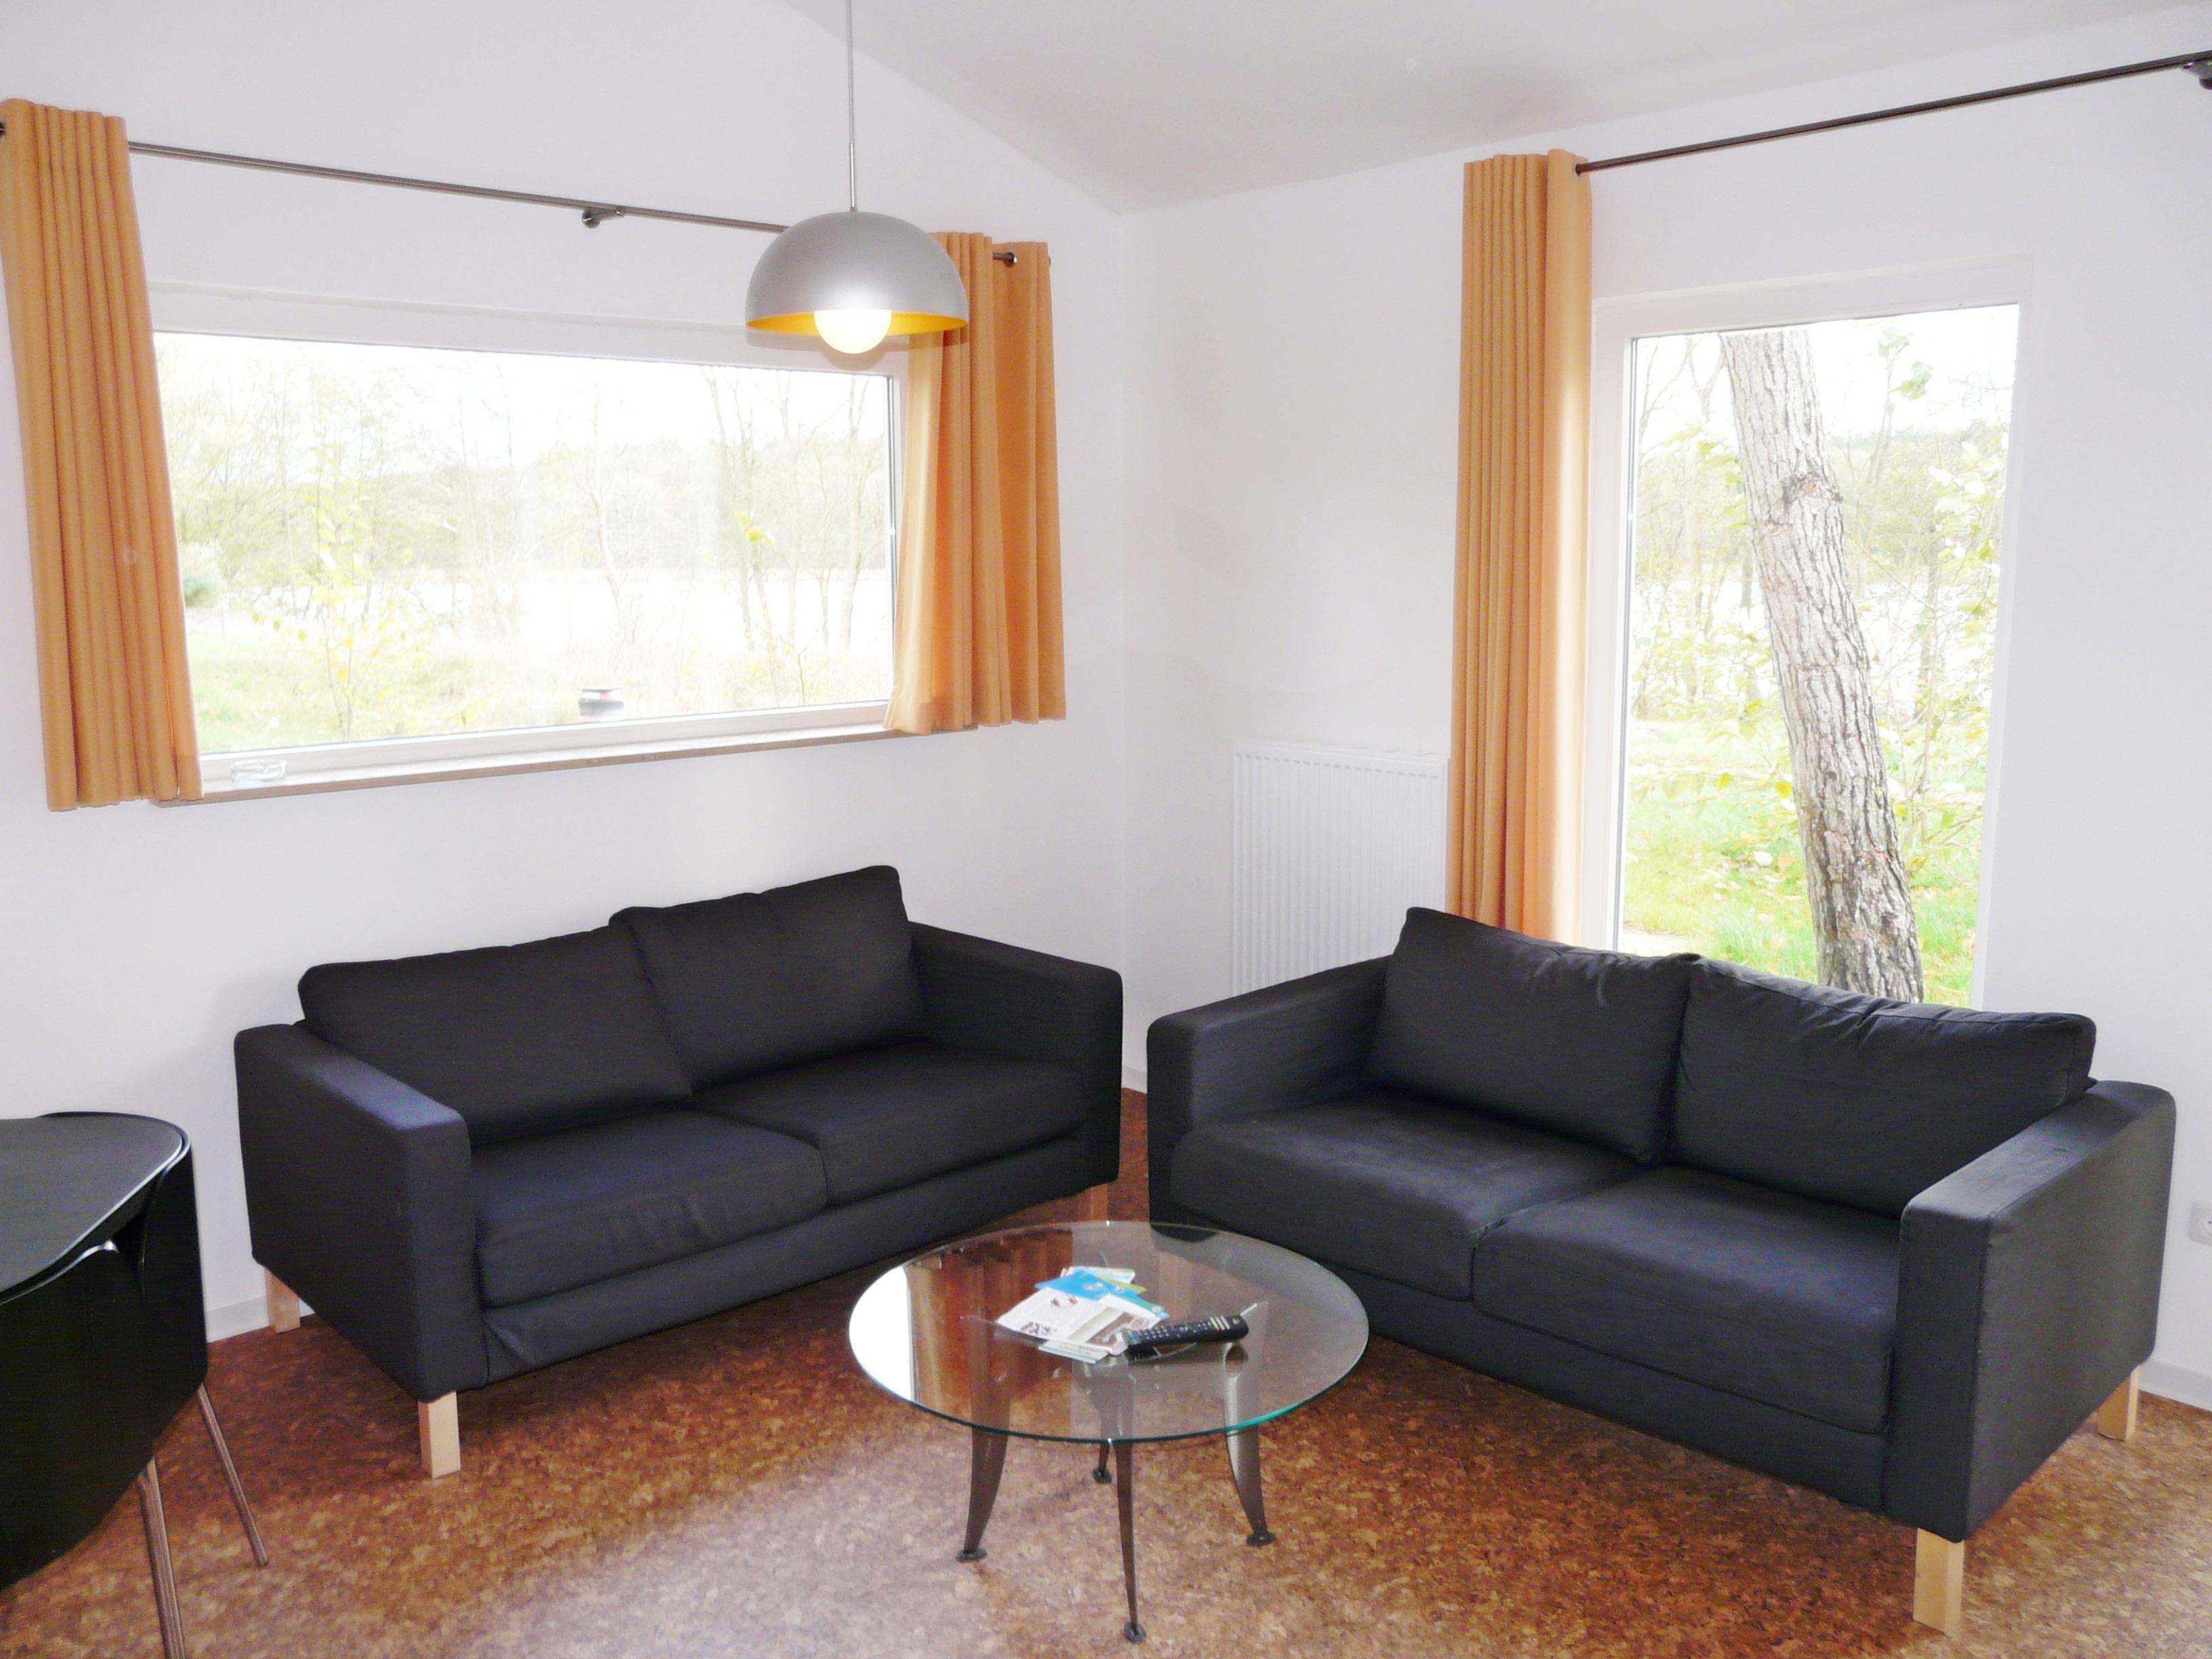 preise und belegung ferienh user seewiesen. Black Bedroom Furniture Sets. Home Design Ideas